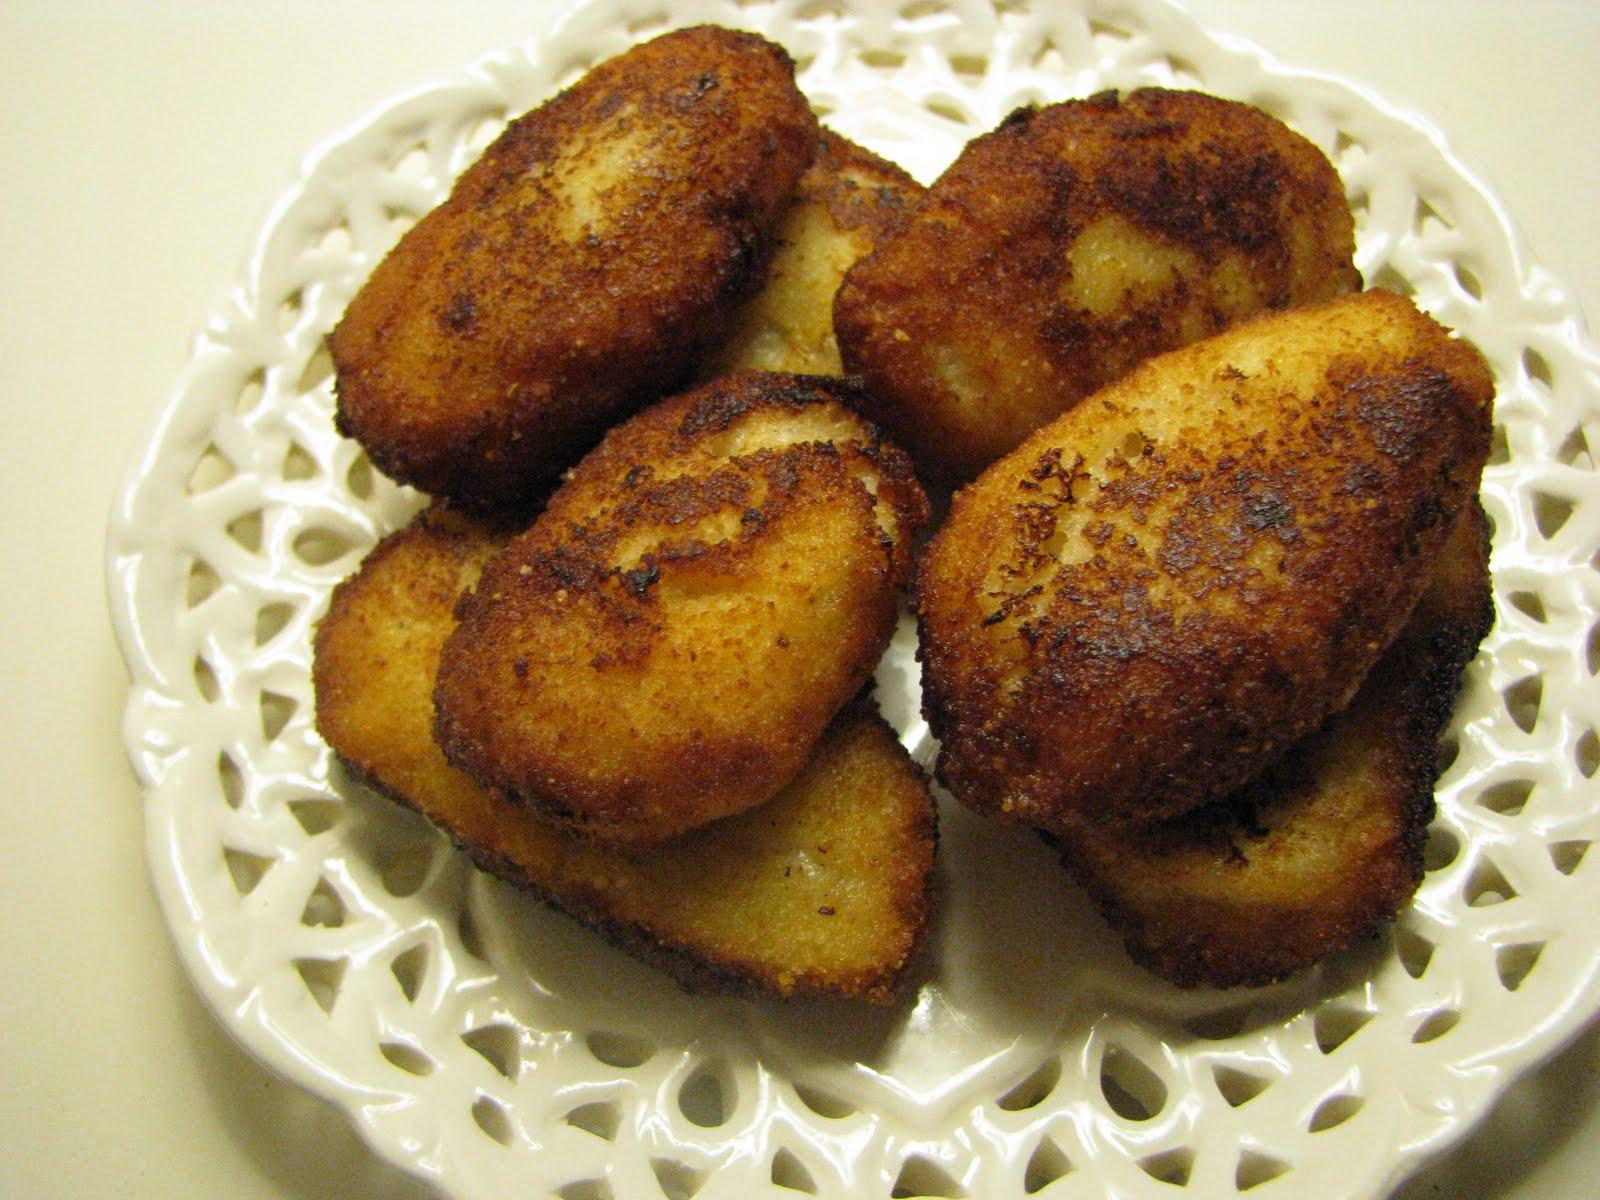 La panadera caliente 2 - 4 6